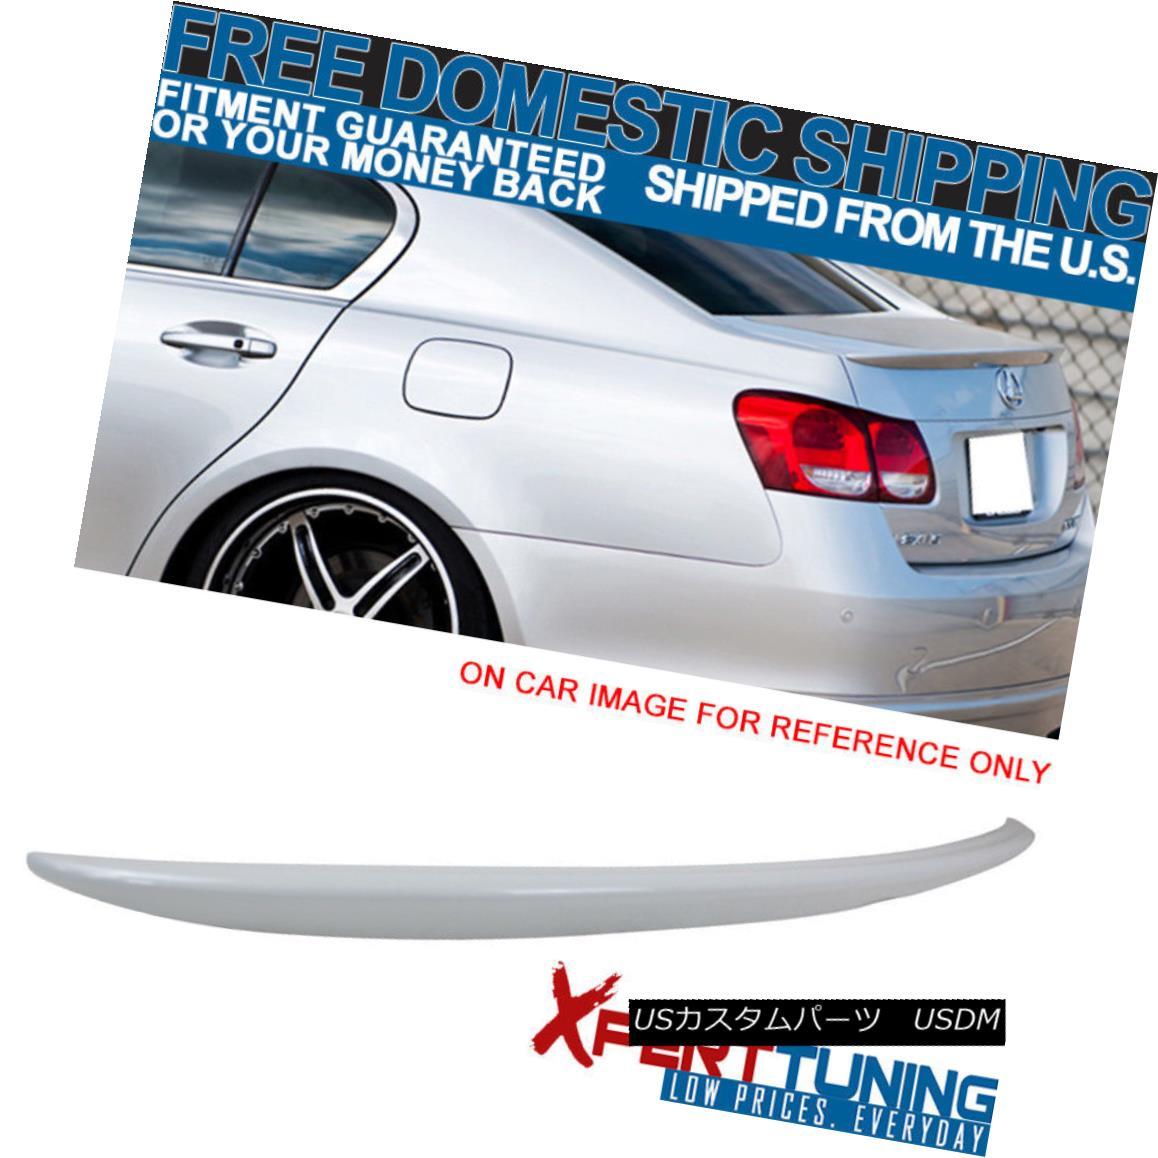 エアロパーツ Open Box Fit 06-12 Lexus GS350 OE Painted Trunk Spoiler #062 Crystal White Pearl オープンボックスフィット06-12レクサスGS350 OE塗装トランクスポイラー#062クリスタルホワイトパール